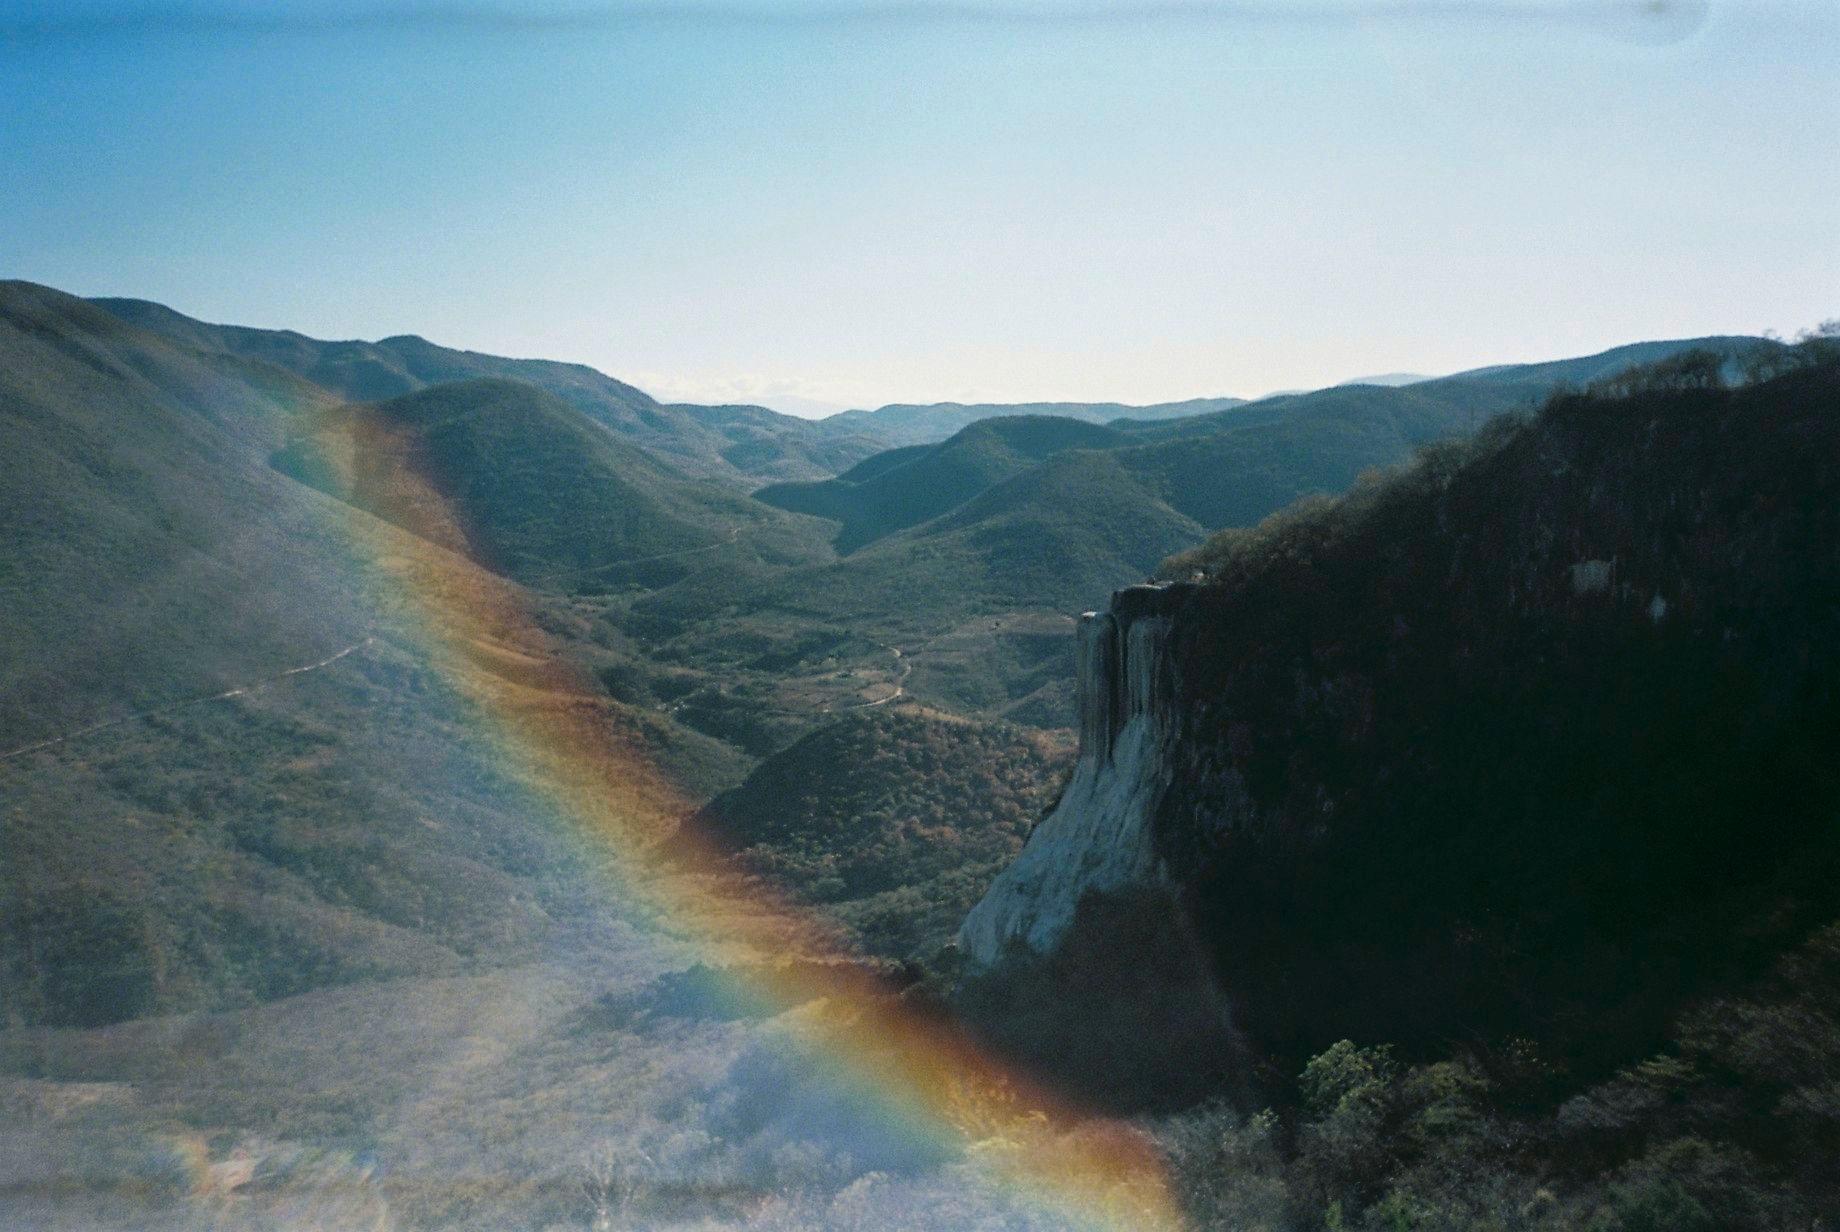 Hierve El Agua 01-2020 - 9 of 53